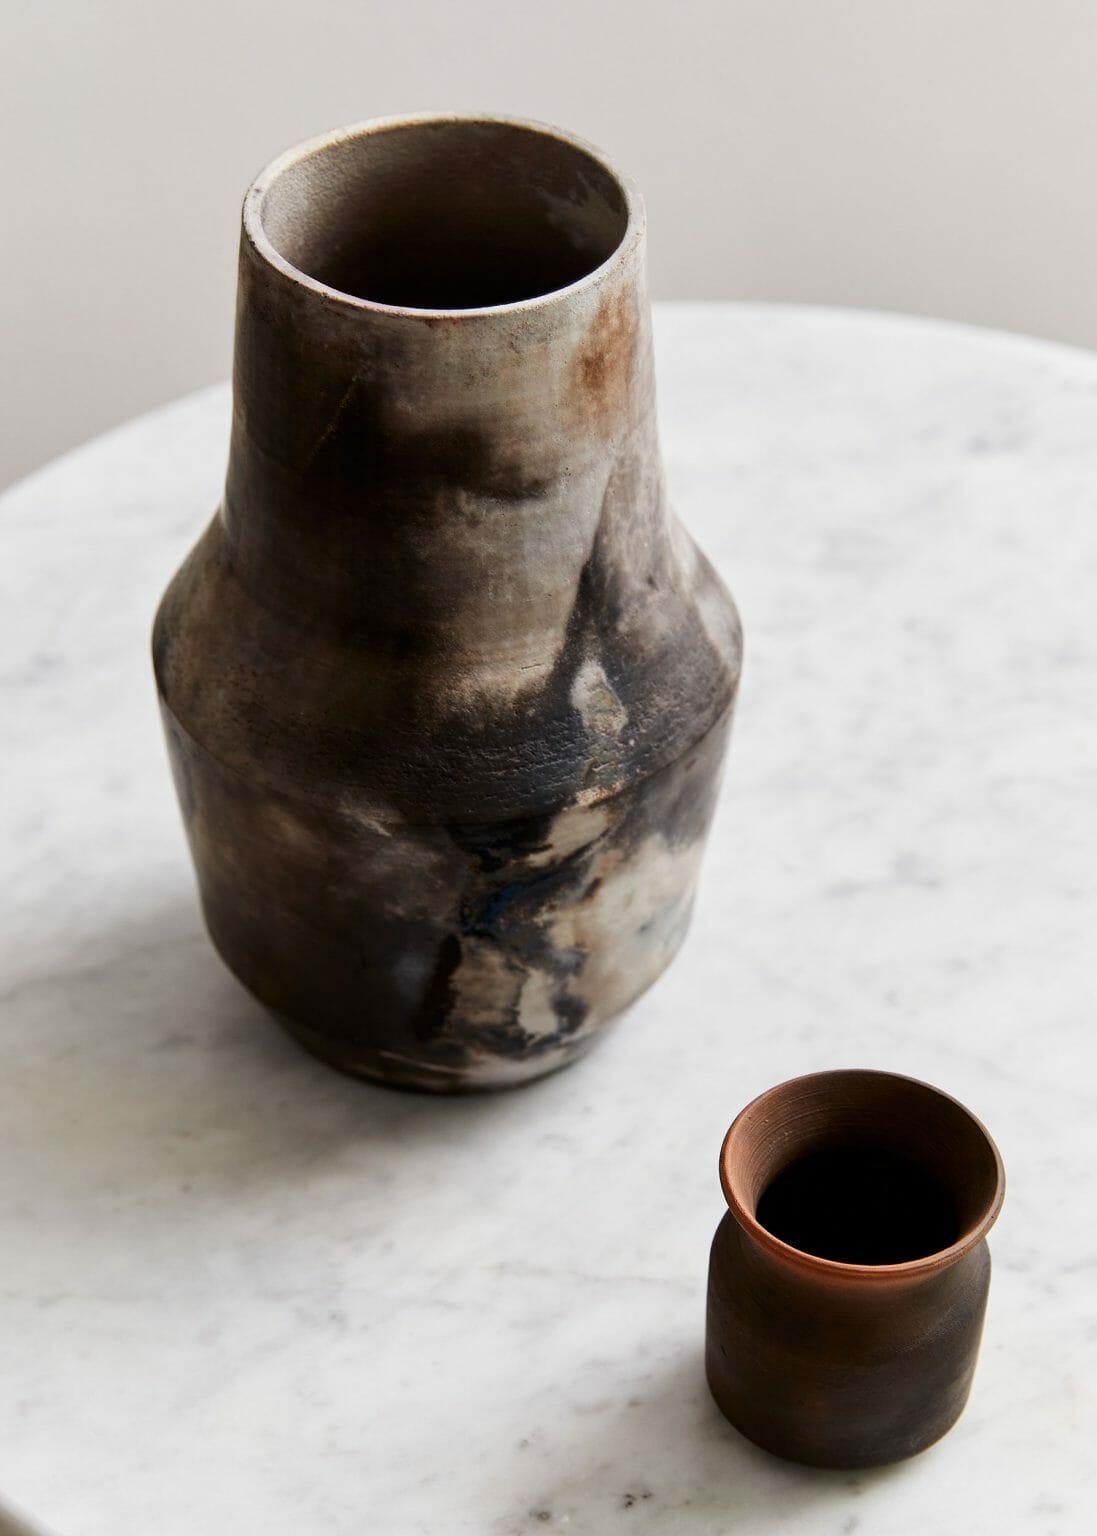 pit-fired-vase-06-ceramics-interiors-design